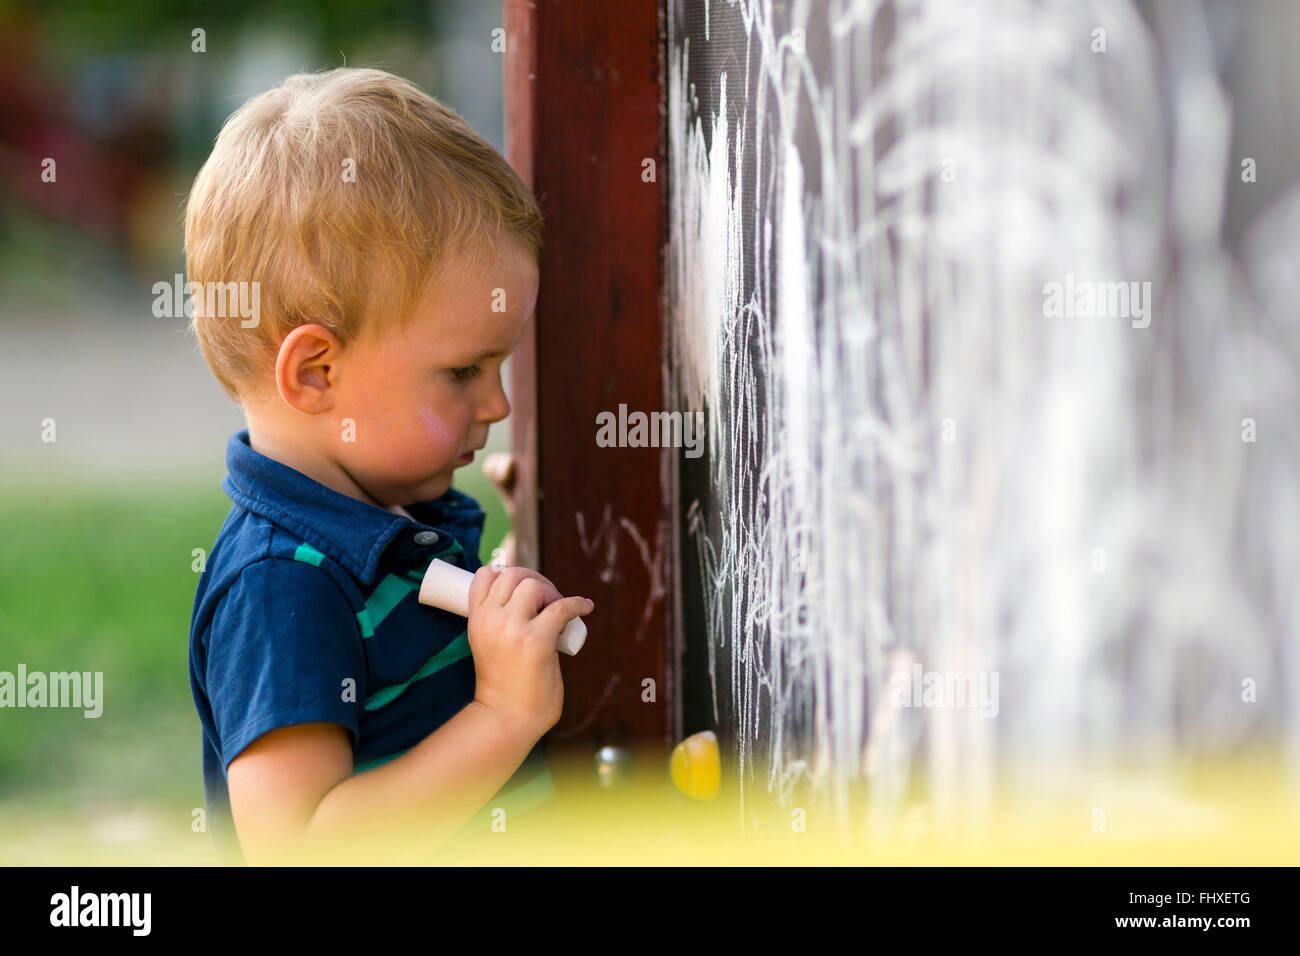 Creative toddler carino il disegno con chalk all'aperto su un tavolo da disegno Immagini Stock